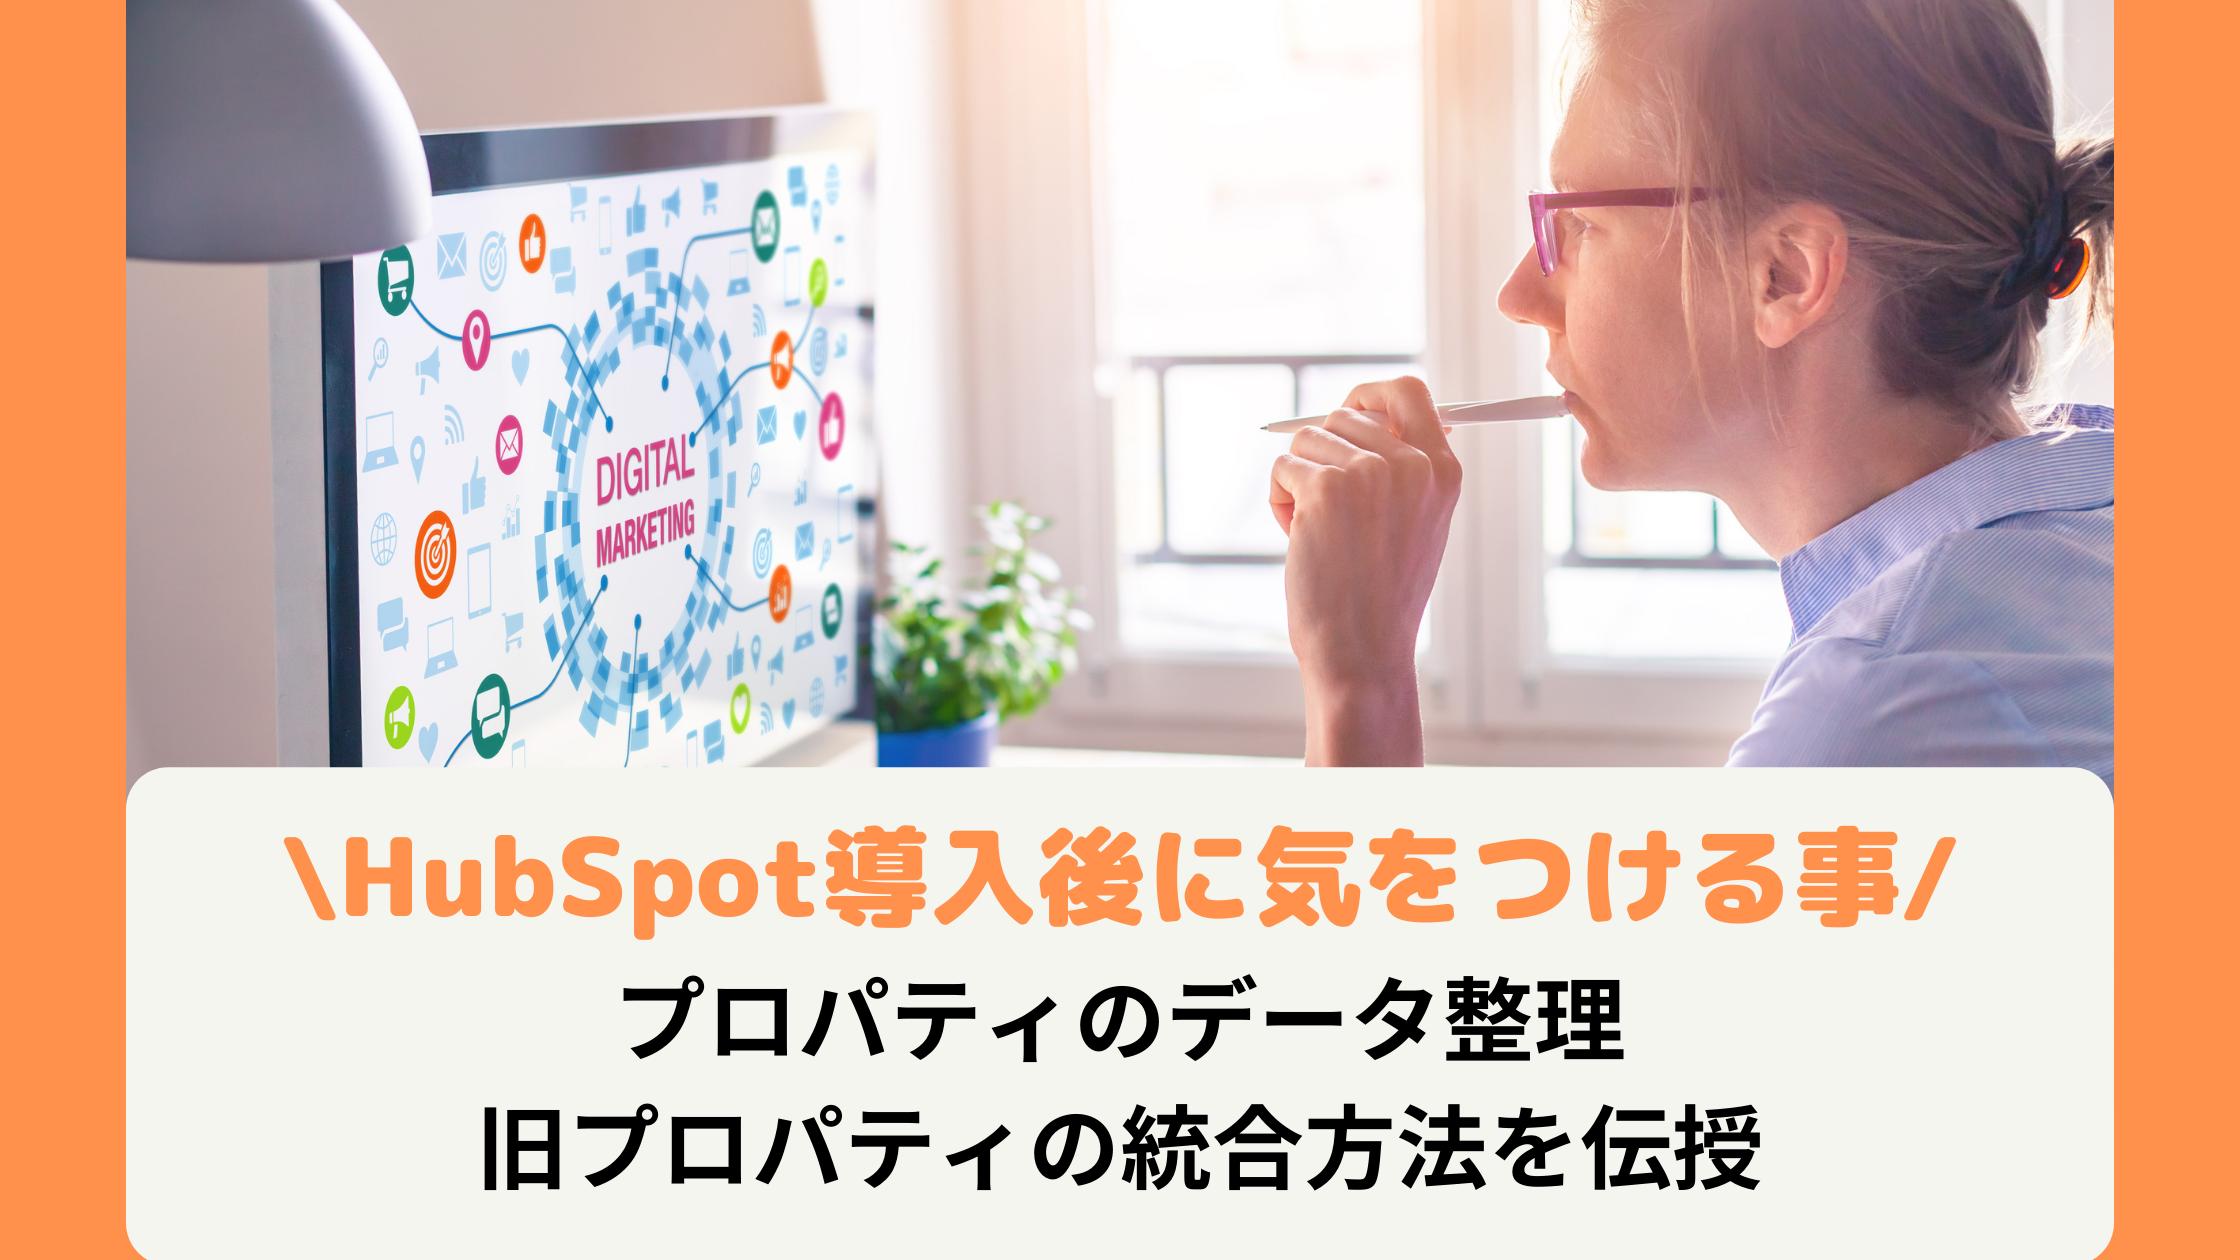 【HubSpot】プロパティのデータ整理・旧プロパティの統合方法を伝授